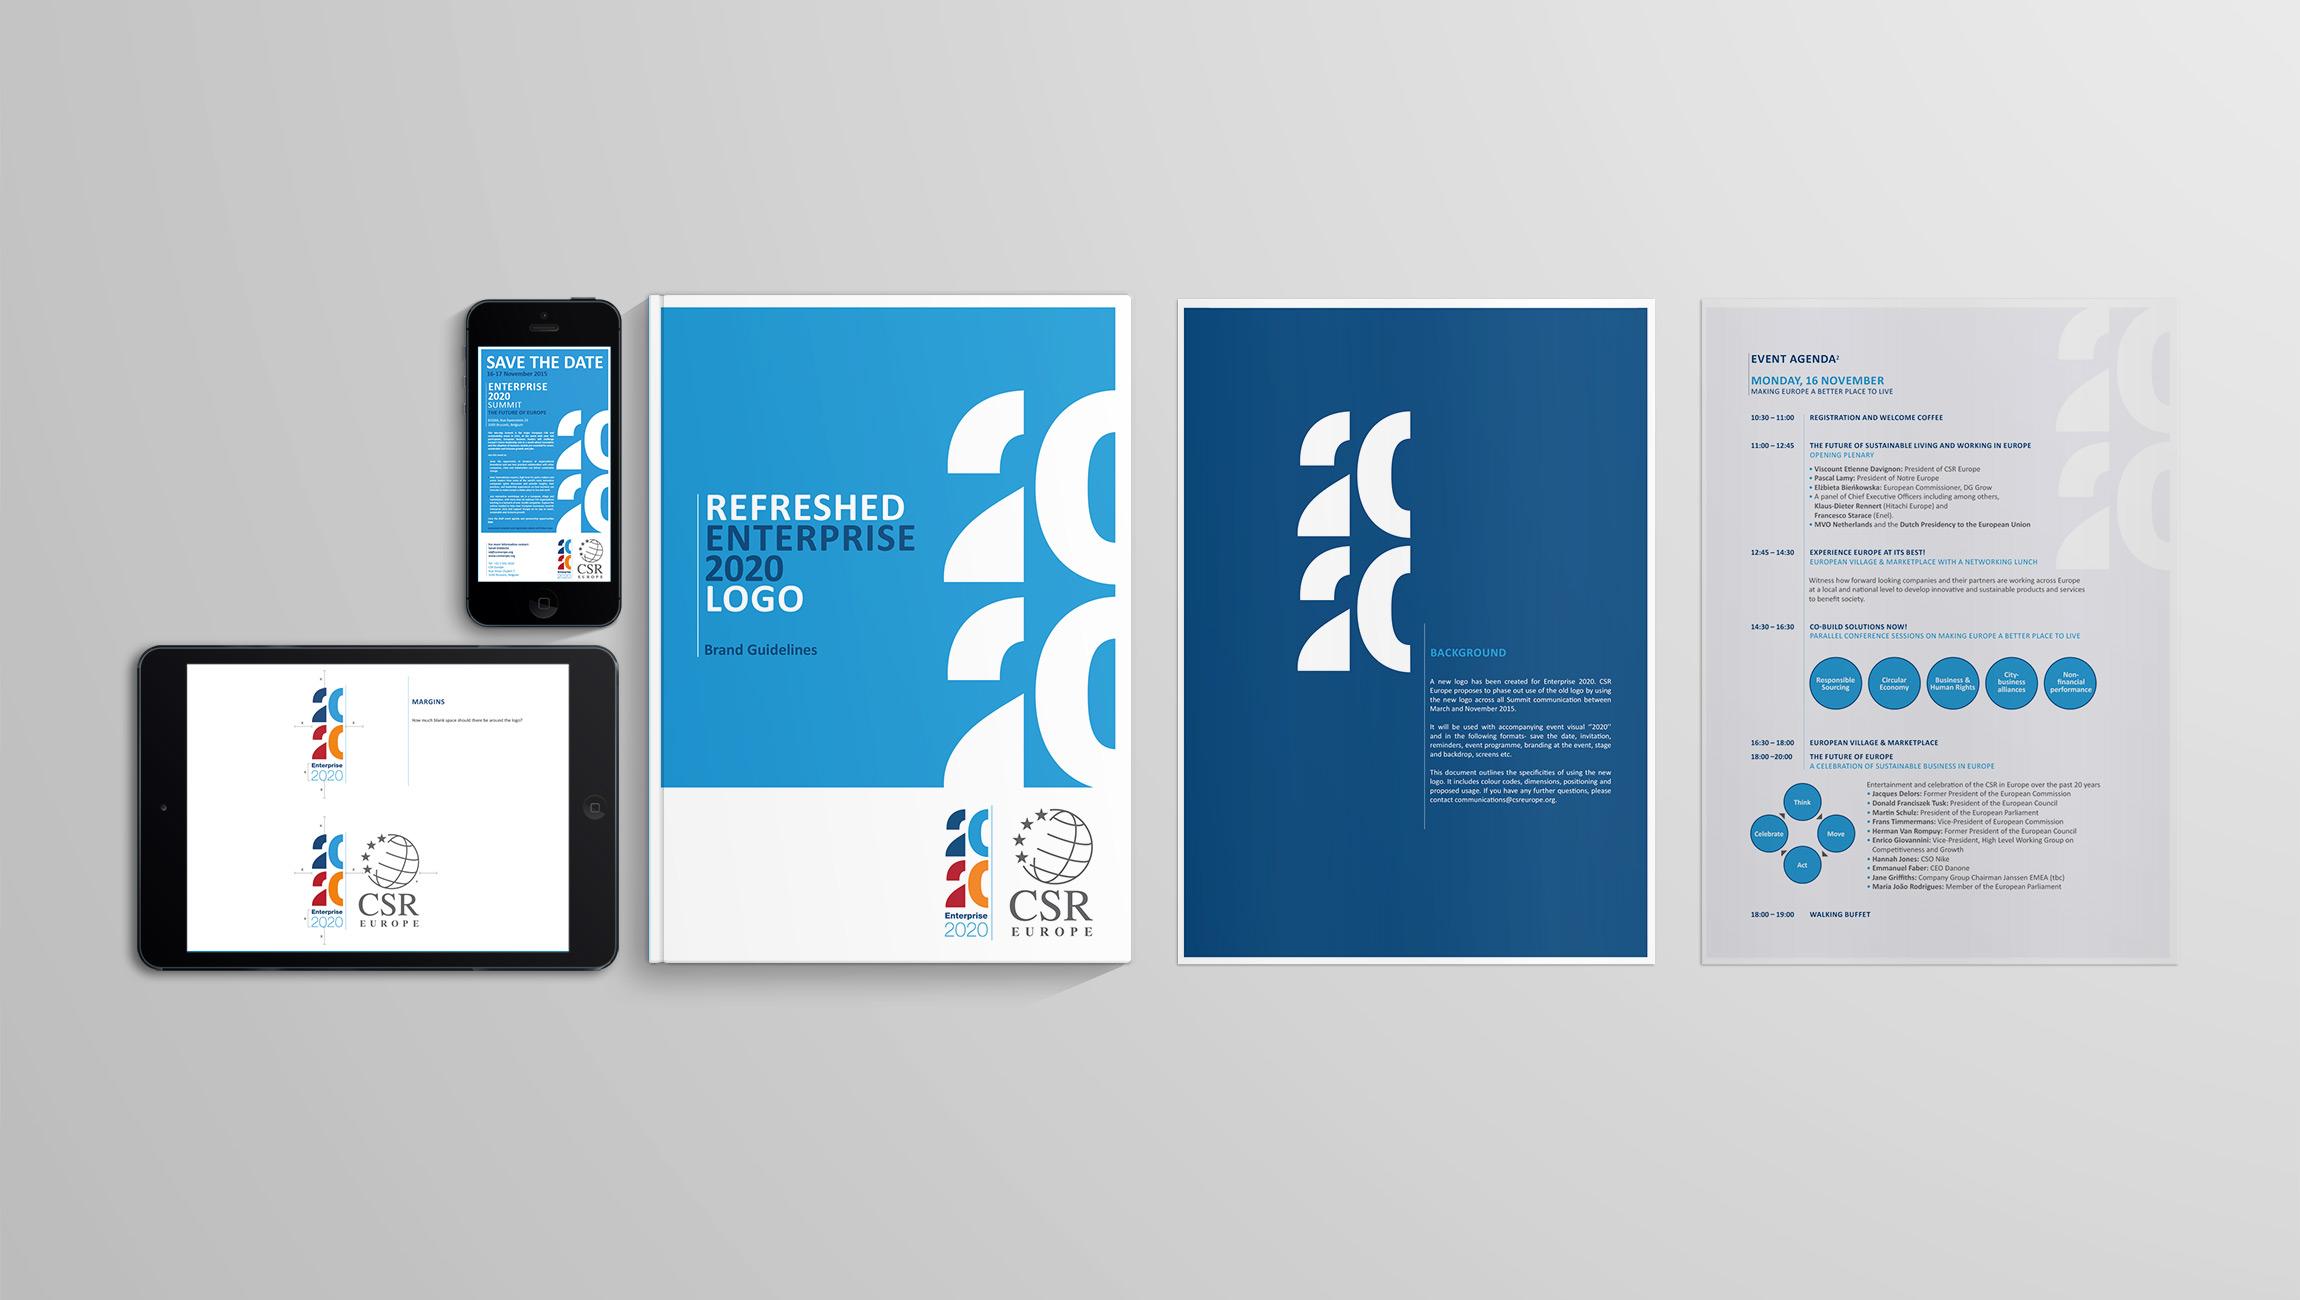 identity: Creation of Enterprise 2020 identity - image 2